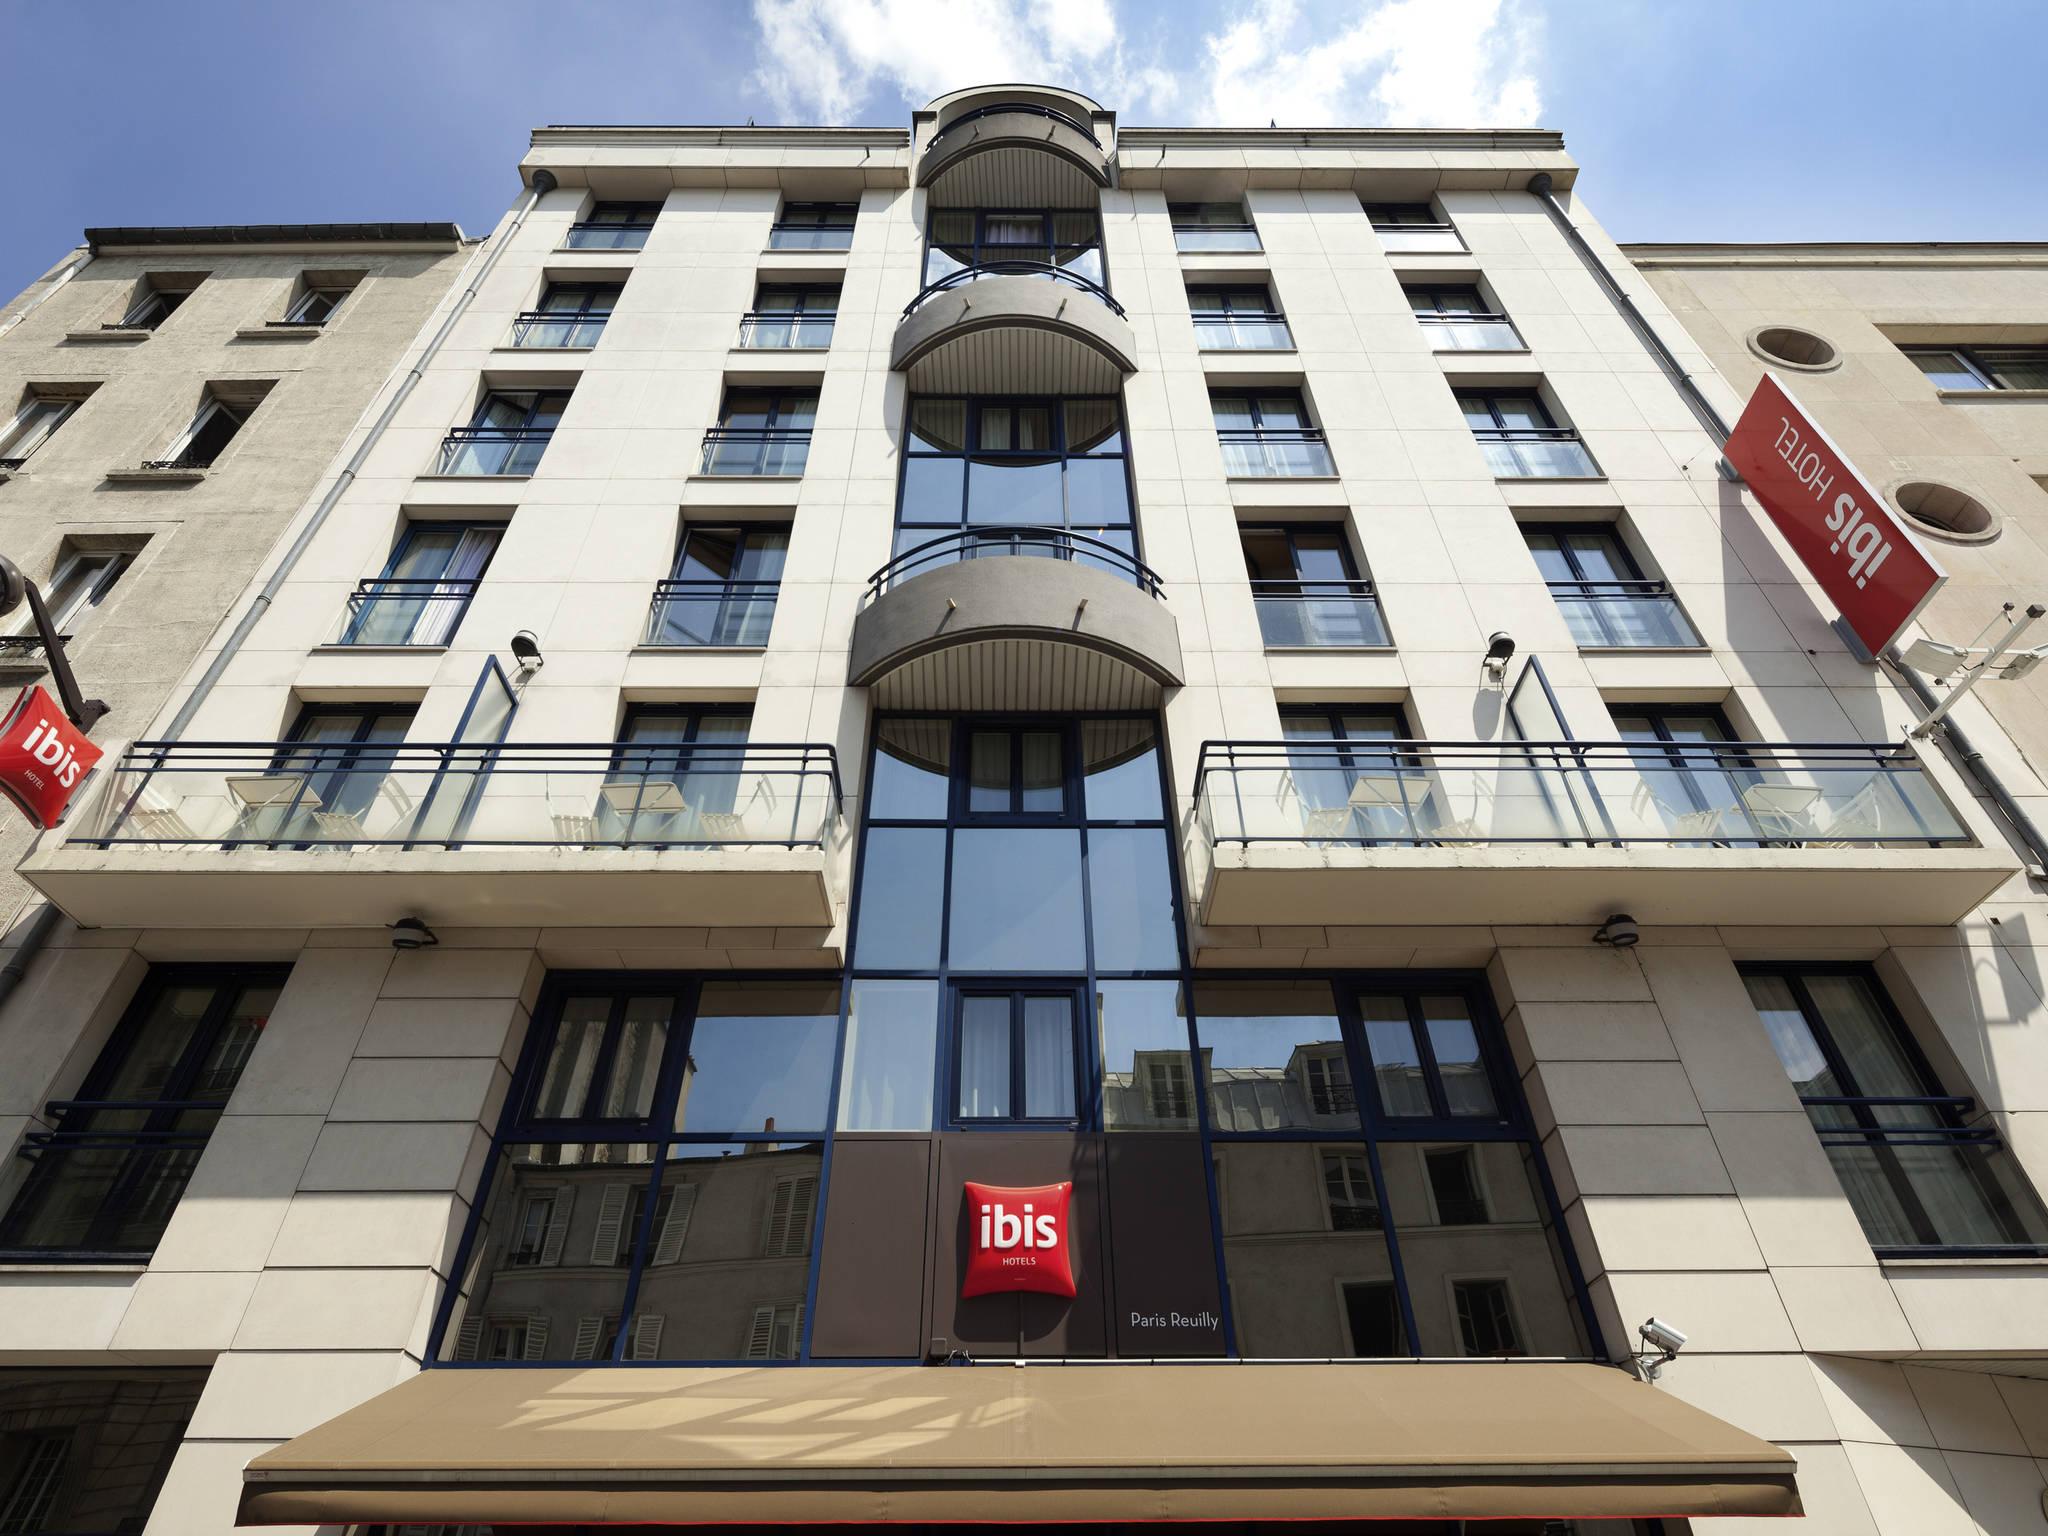 chambre pas cher paris excellent hotel jacuzzi paris pas cher avec cuisine location chambre. Black Bedroom Furniture Sets. Home Design Ideas